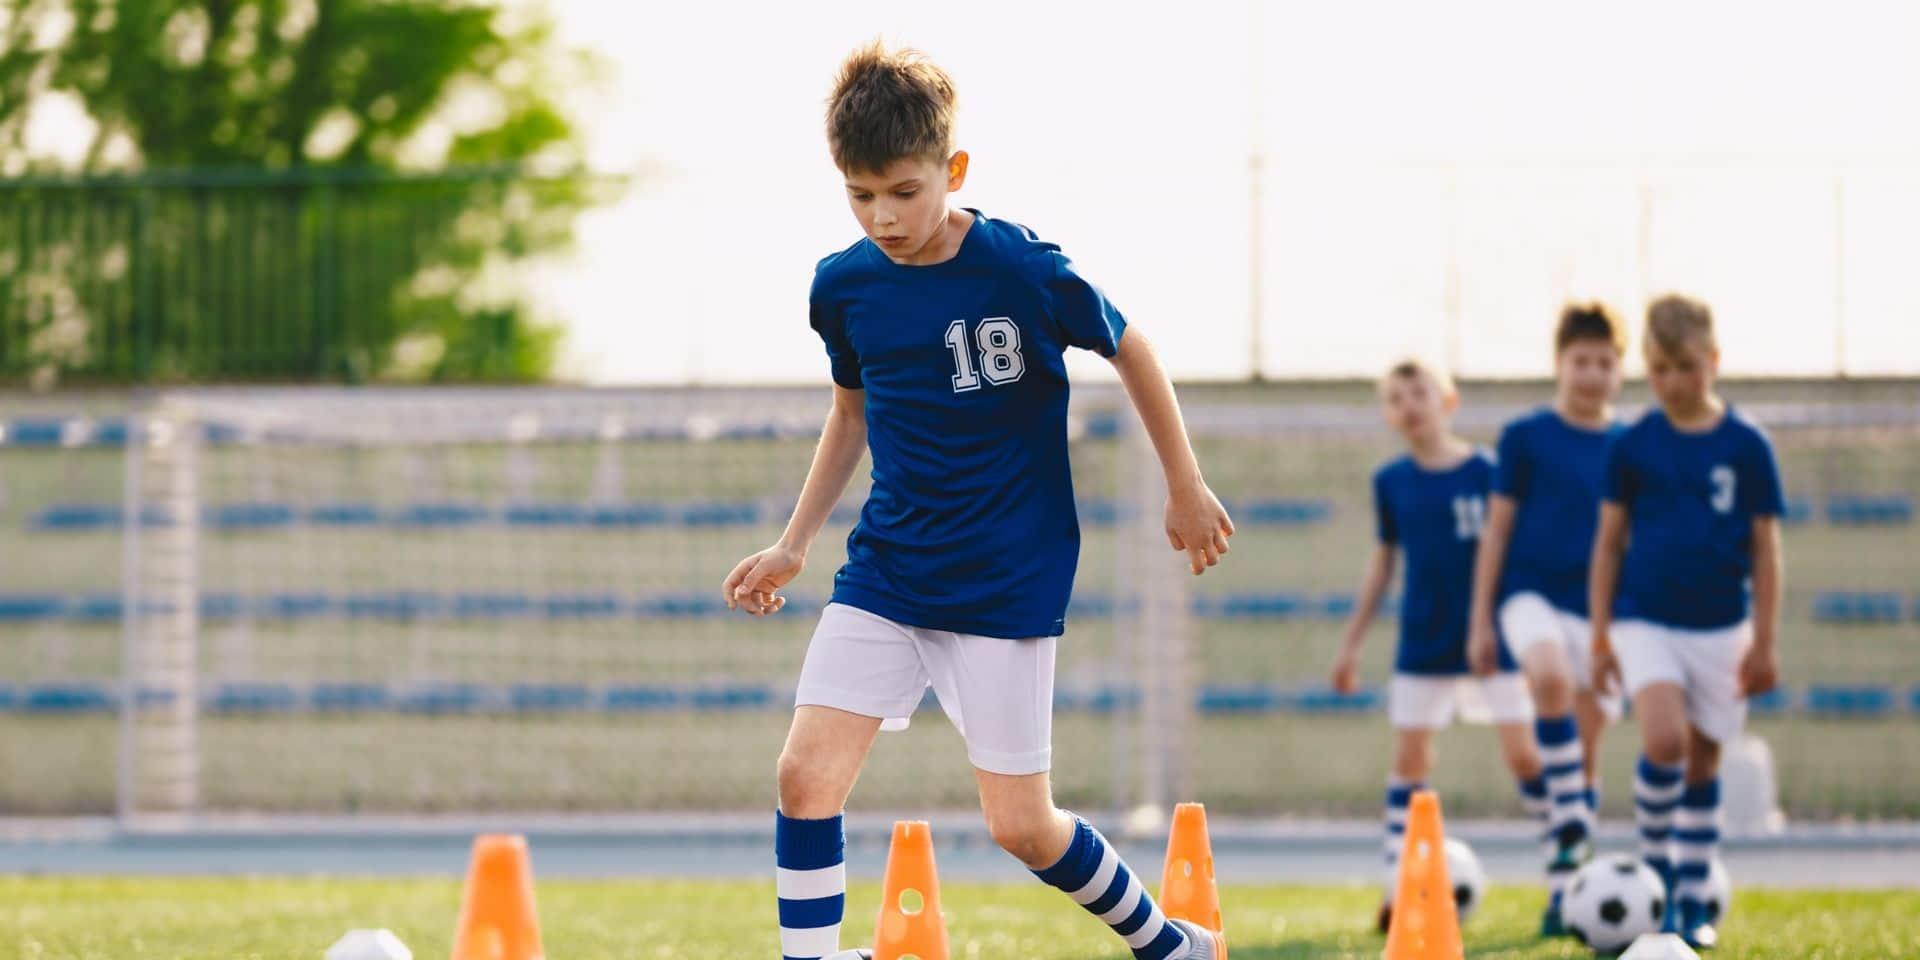 Le sport est une activité essentielle. Vraiment ?